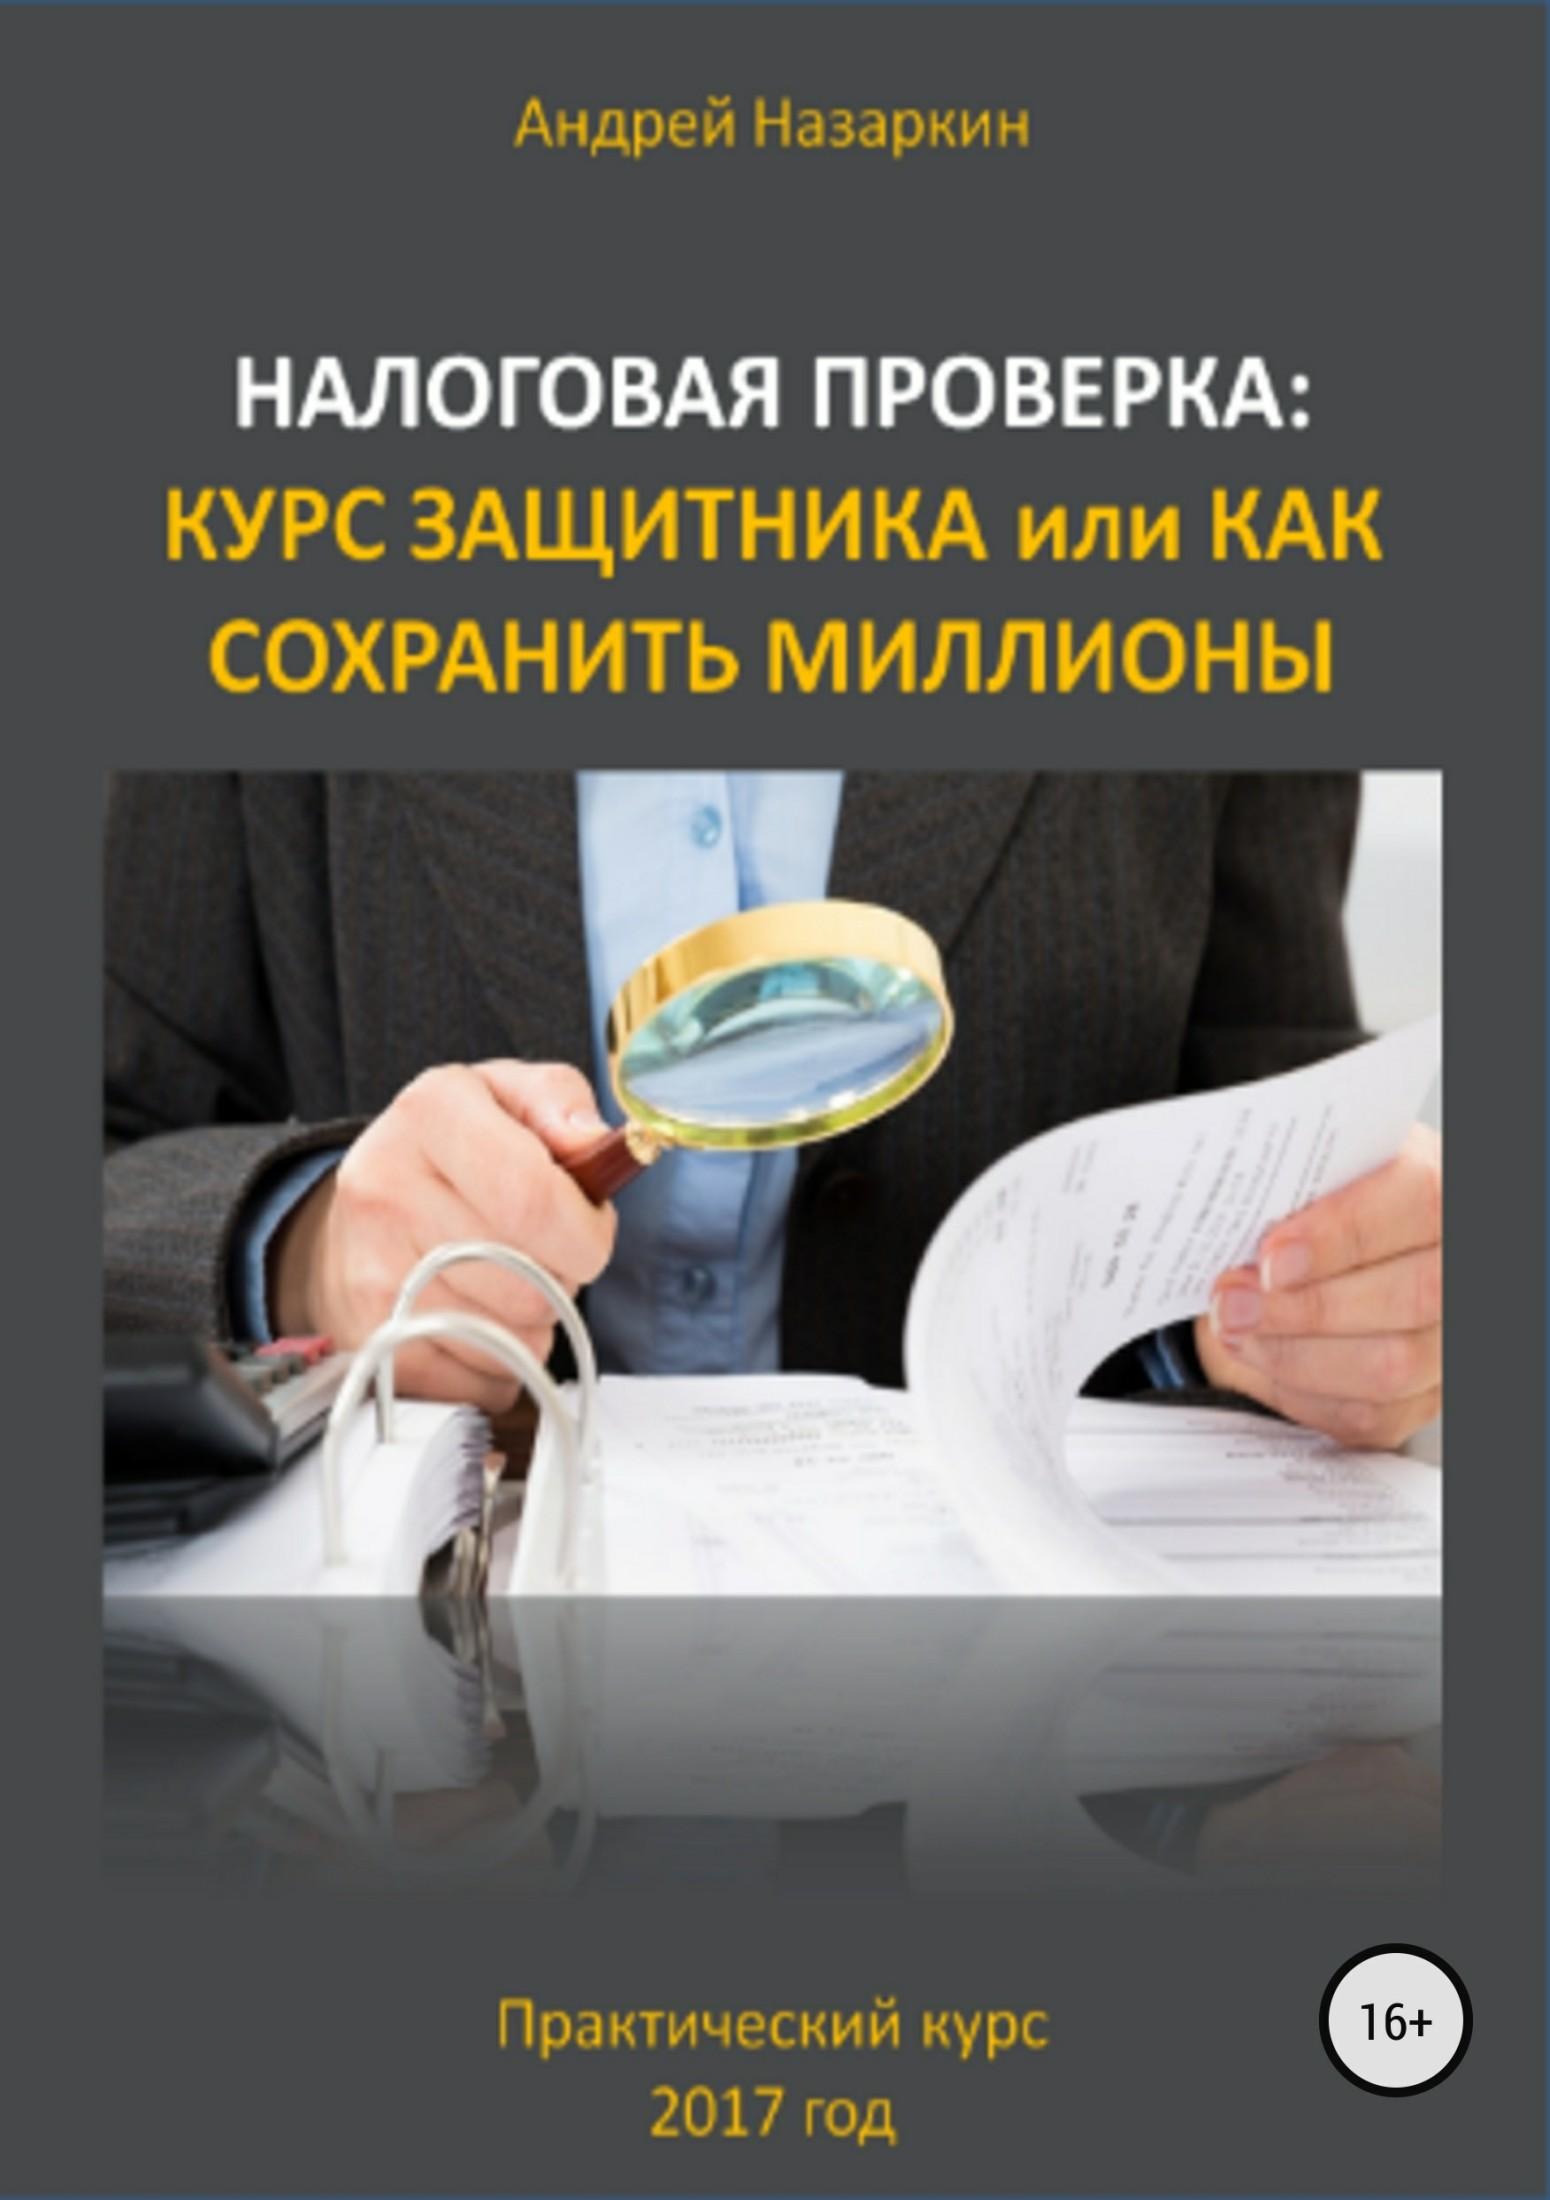 Андрей Назаркин - Налоговая проверка: курс защитника или как сохранить миллионы